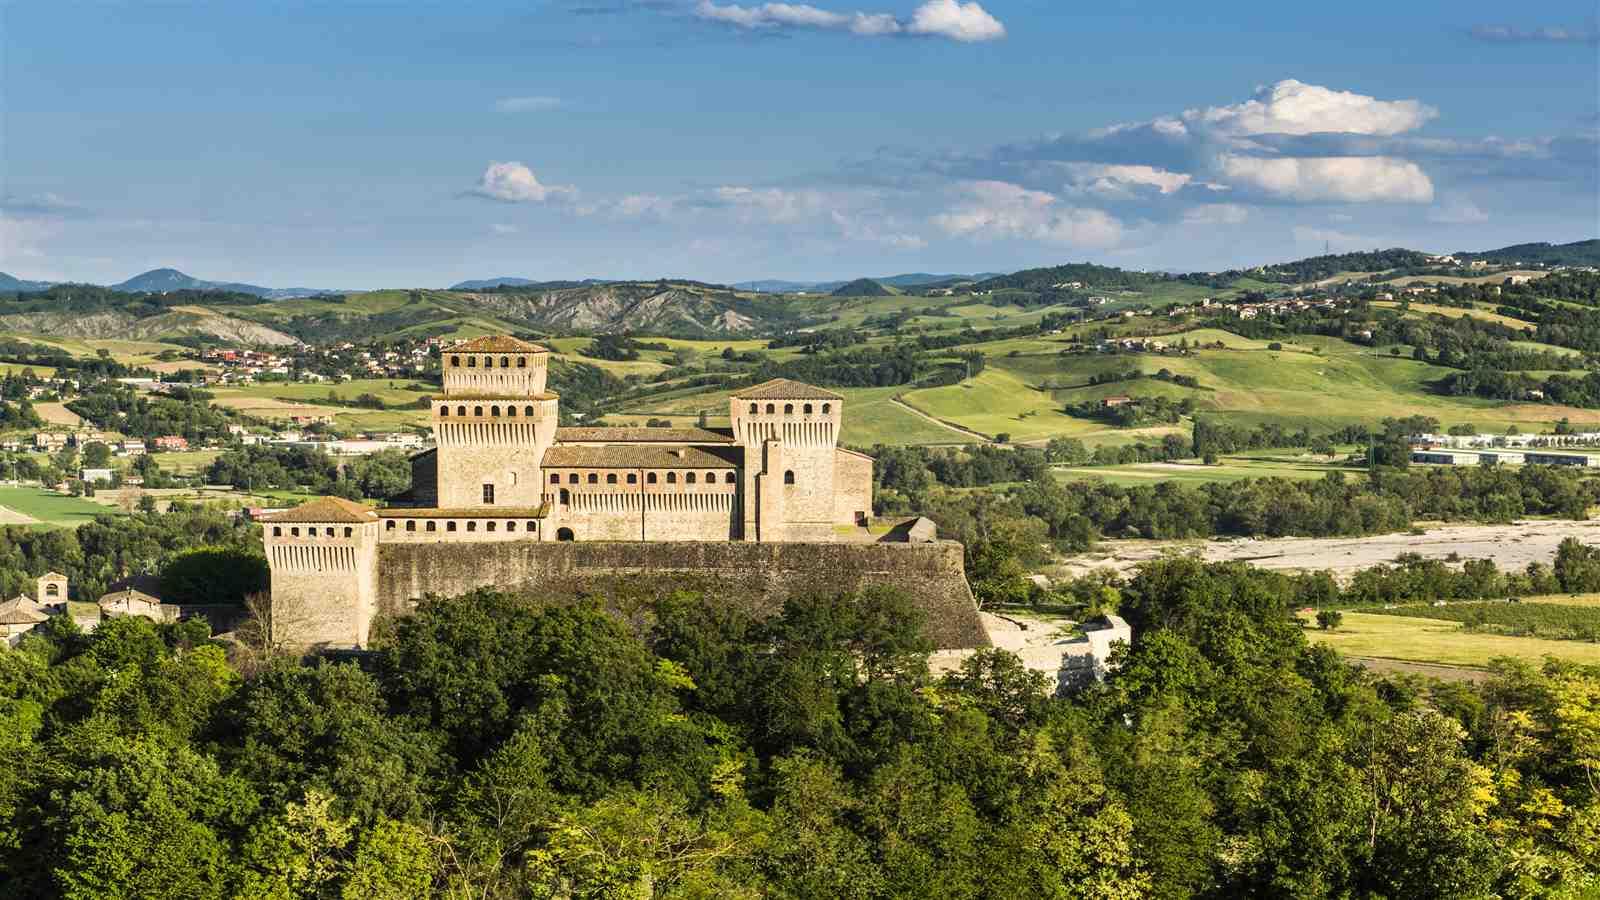 EVENTI IN TERRA DI PARMA 19, 20 E 21 OTTOBRE Hotel Campus Parma Collecchio